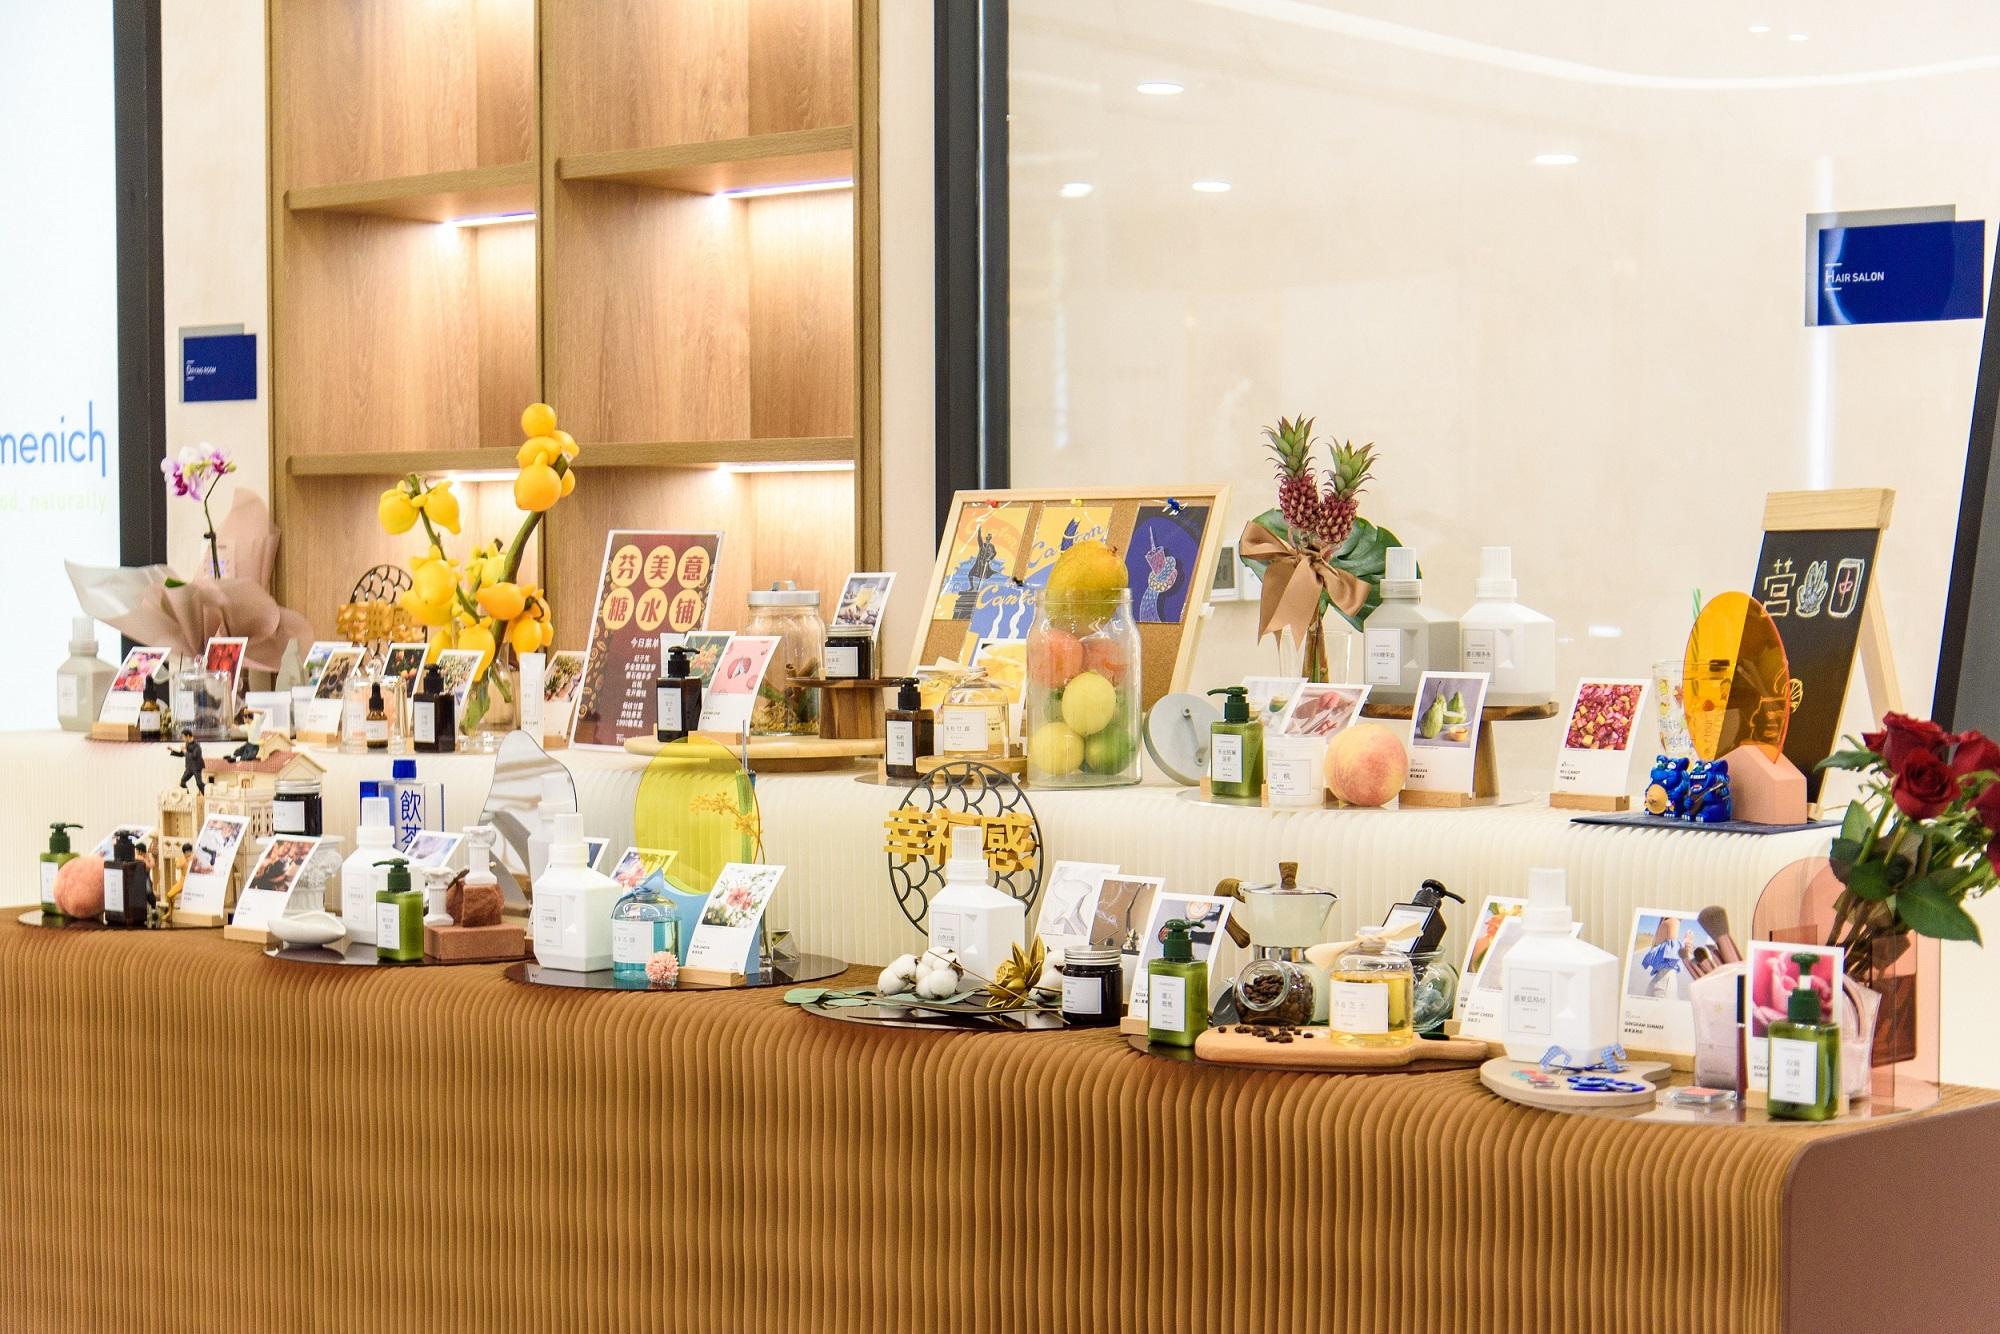 芬美意广州创香体验中心开业,为迅速增长的华南市场提供独特的客户定制体验插图(2)